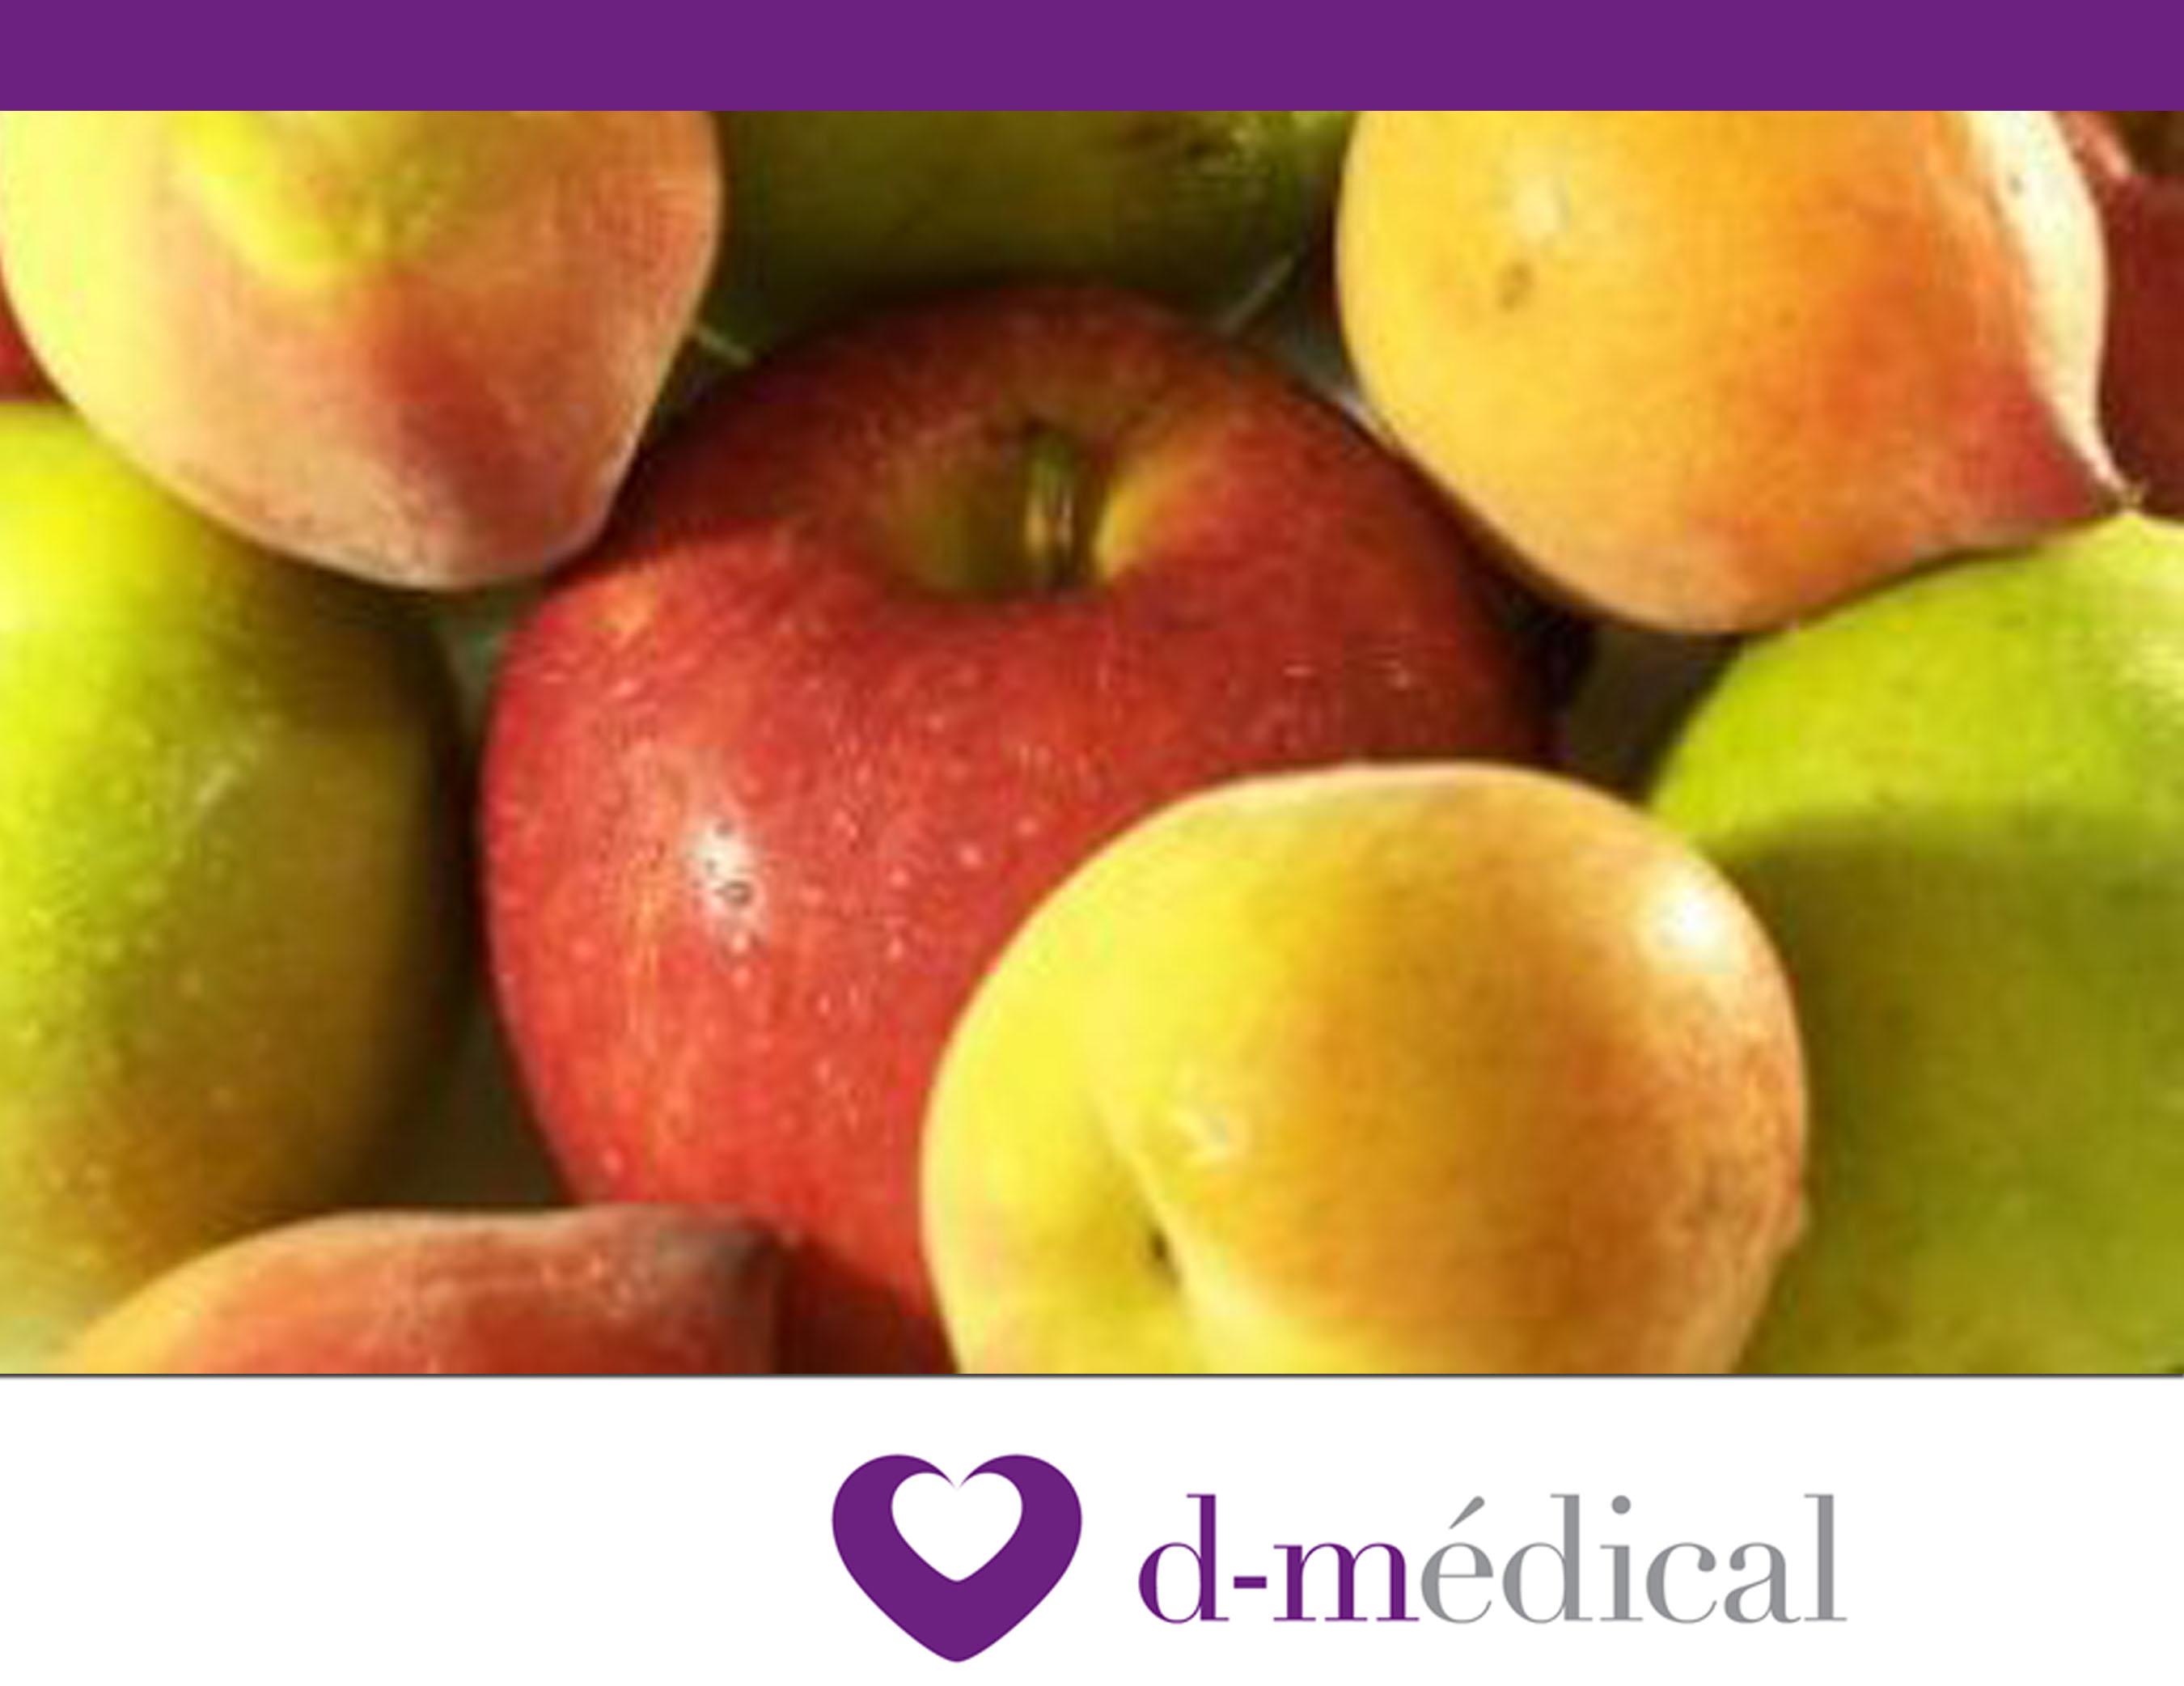 consumo frutas